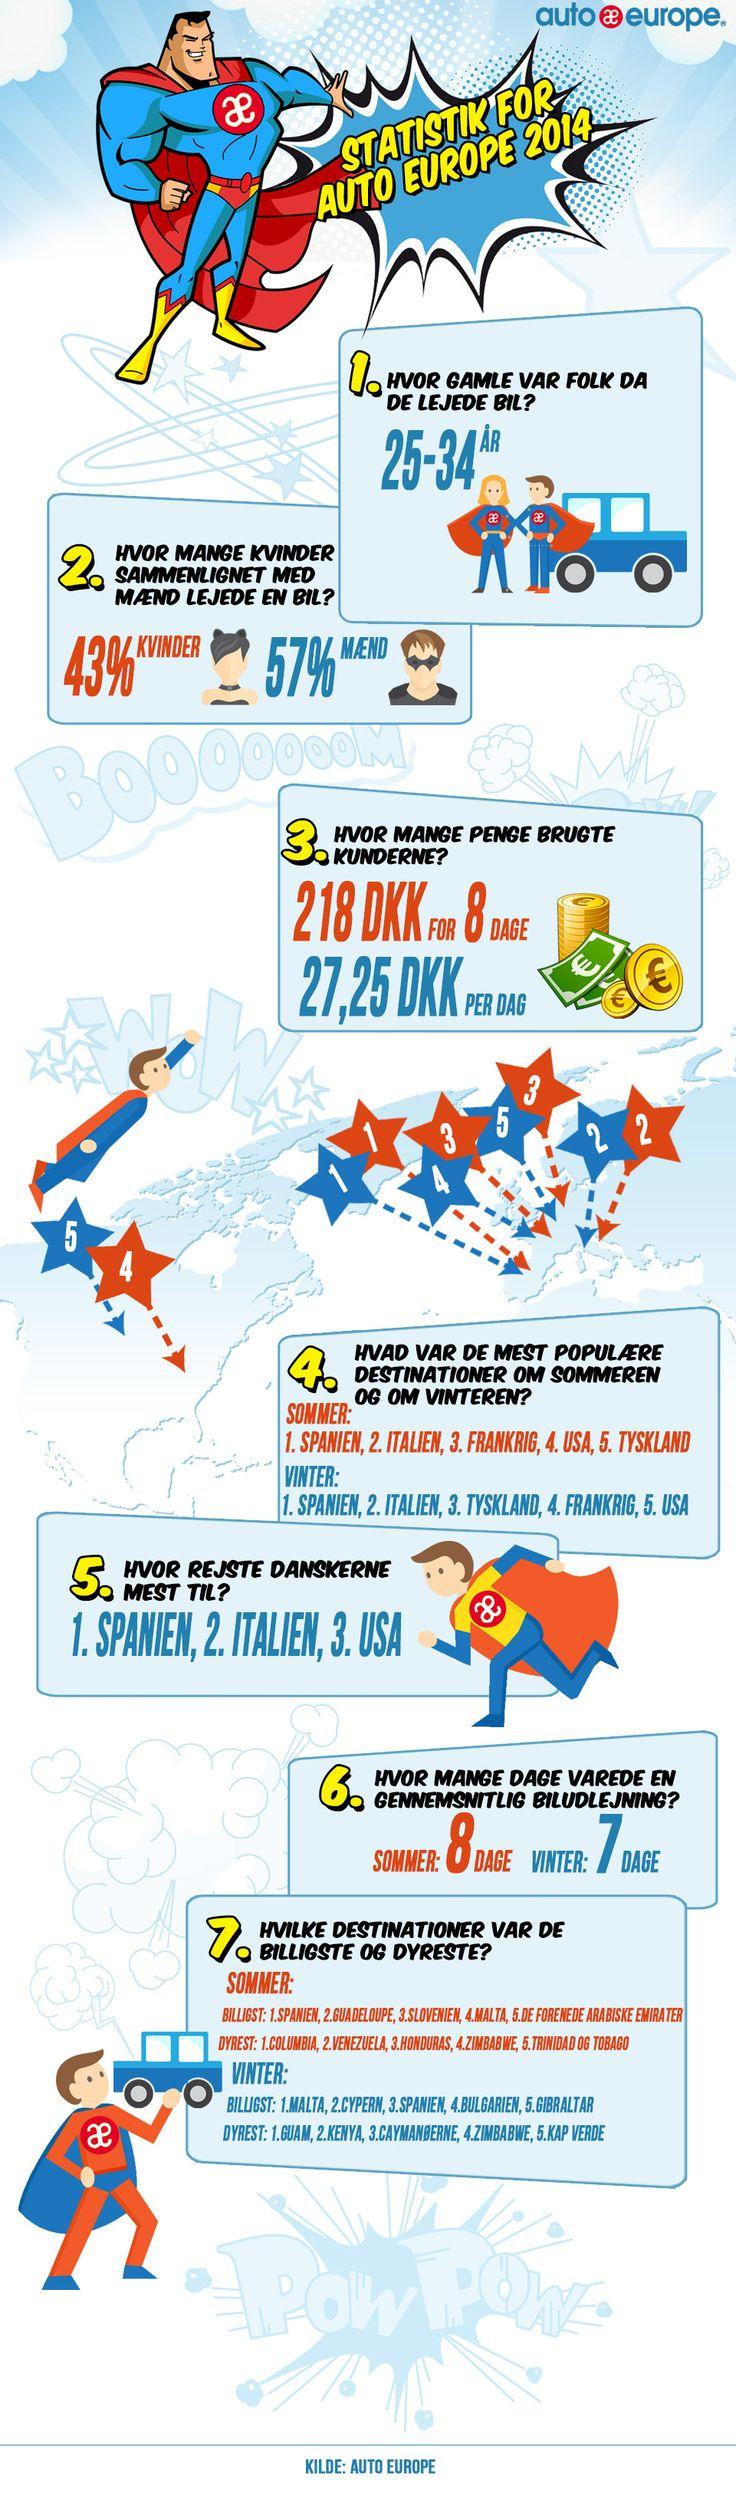 Infographic: 2014 Auto Europe statistik - Find flere af vores infografikker her: http://www.autoeurope.dk/go/infographics/